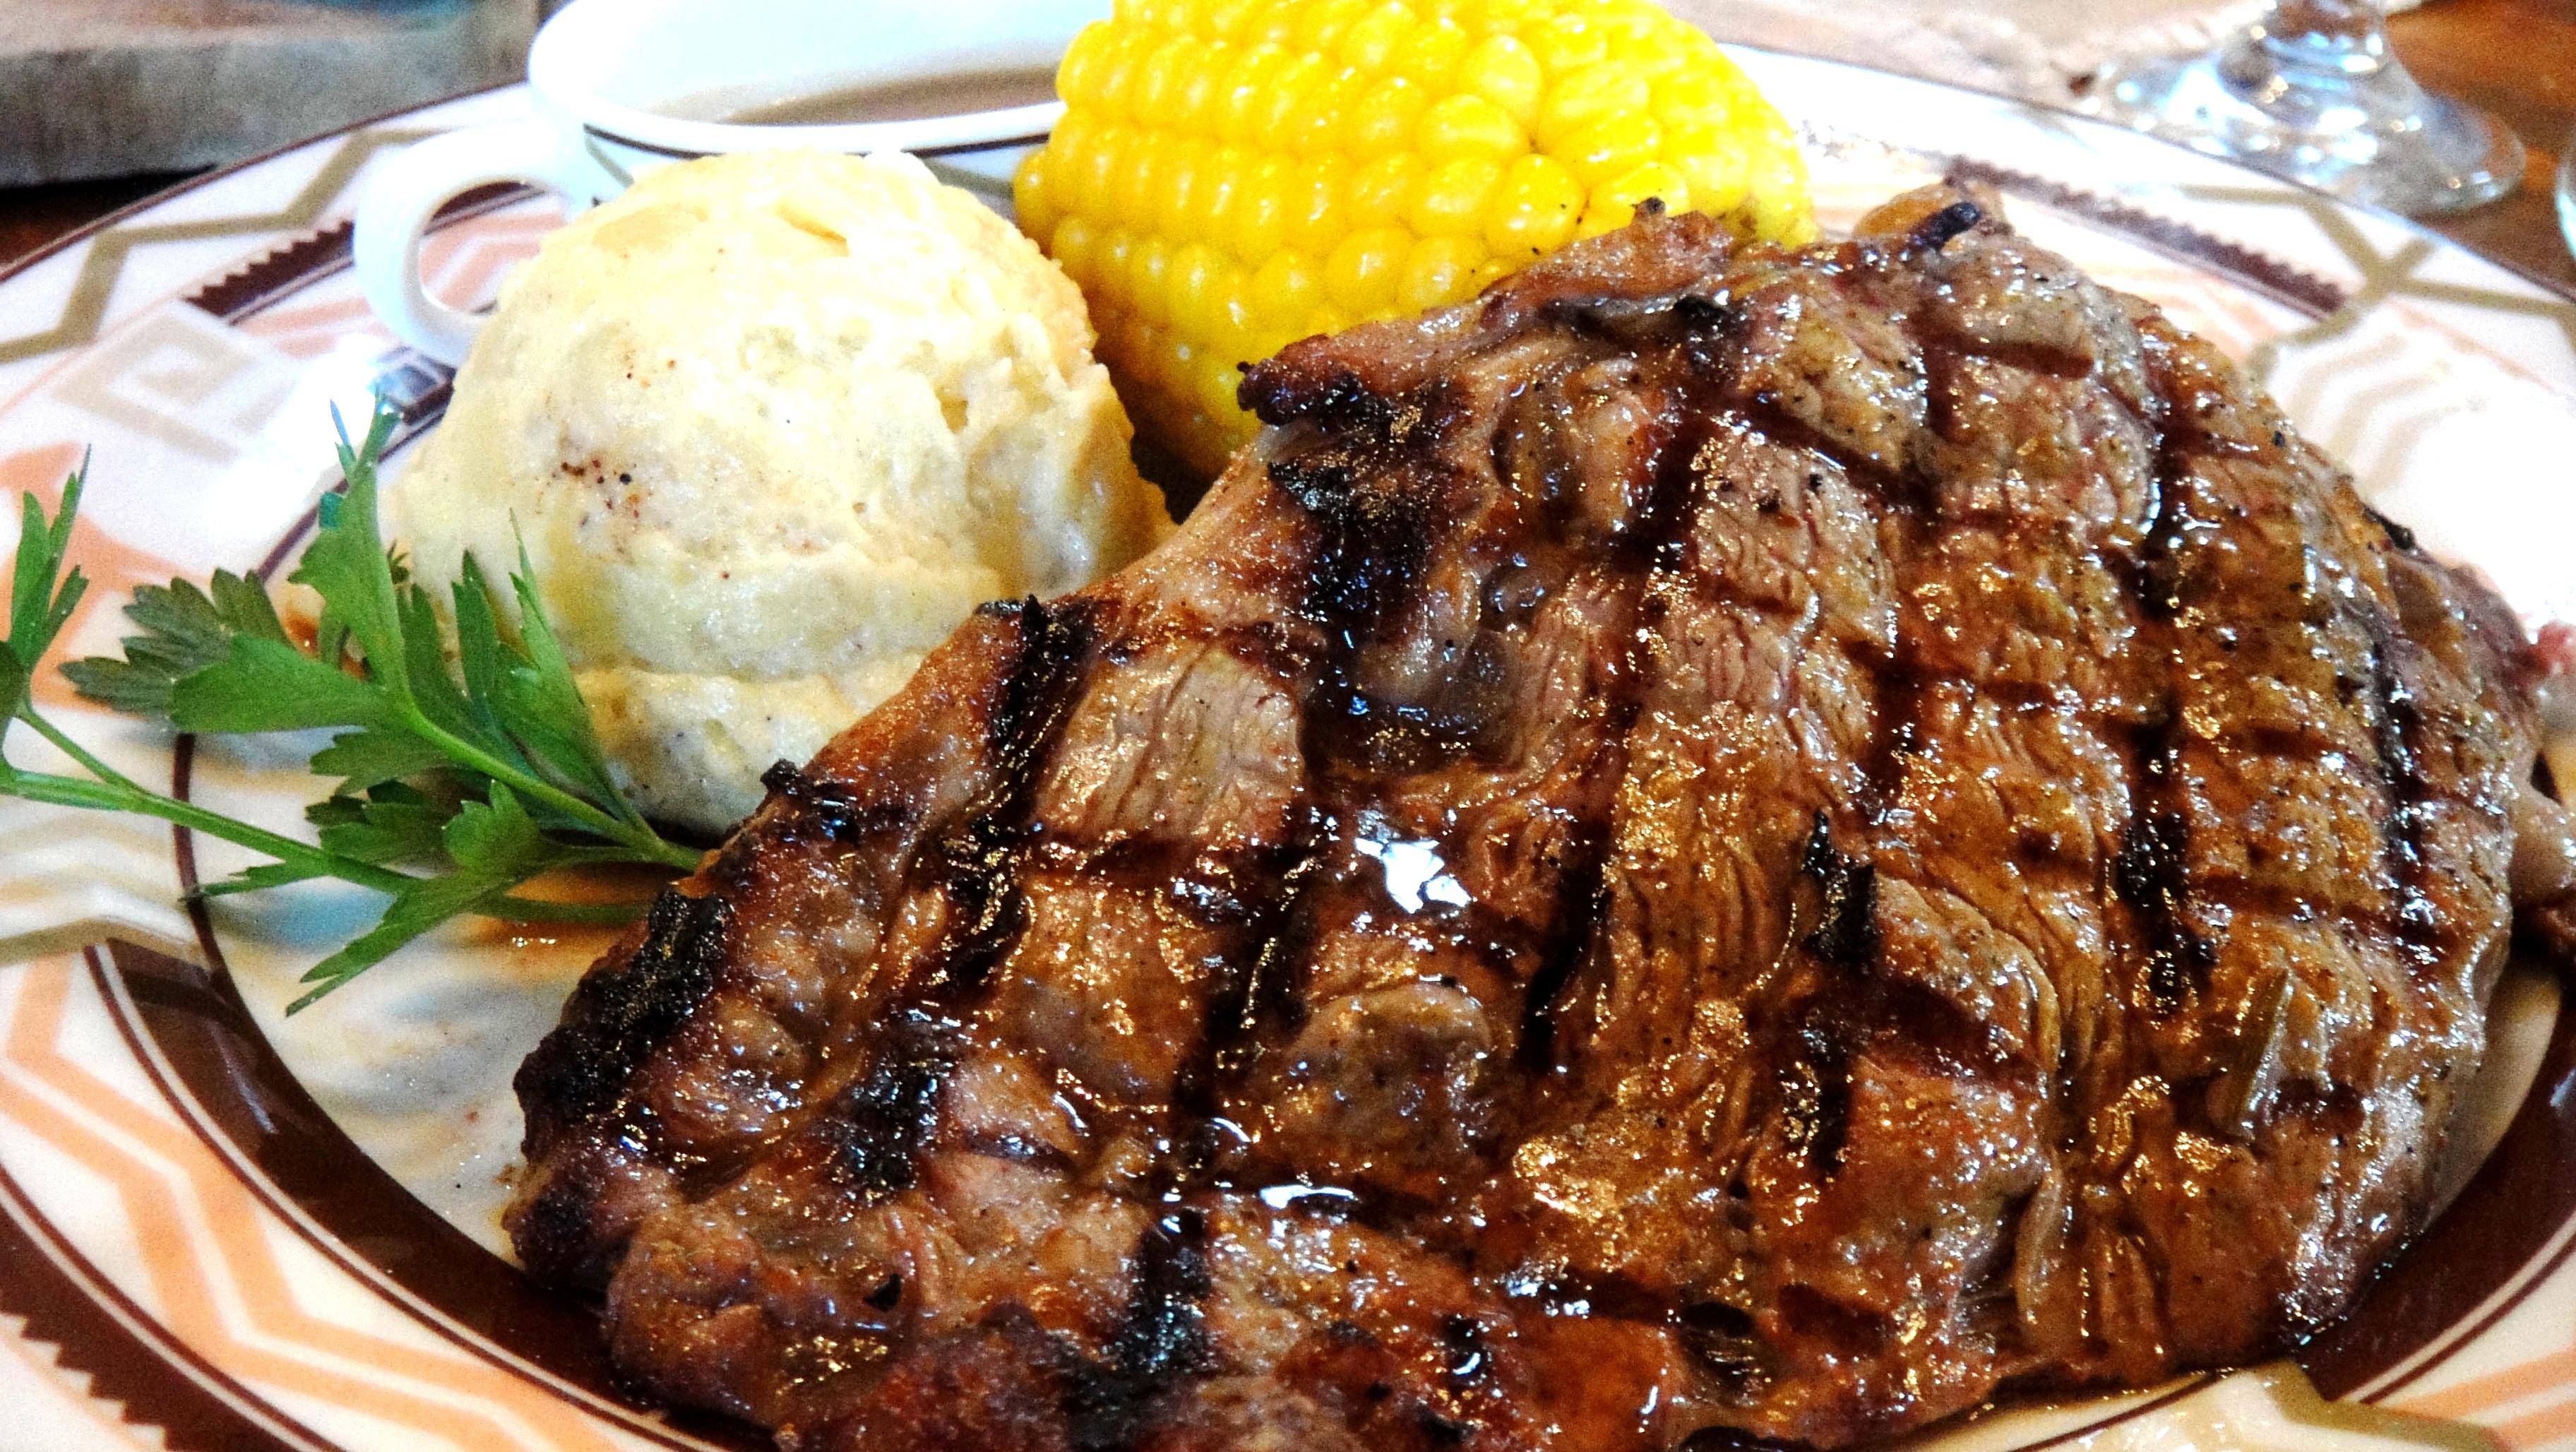 images of steak dinner - photo #27